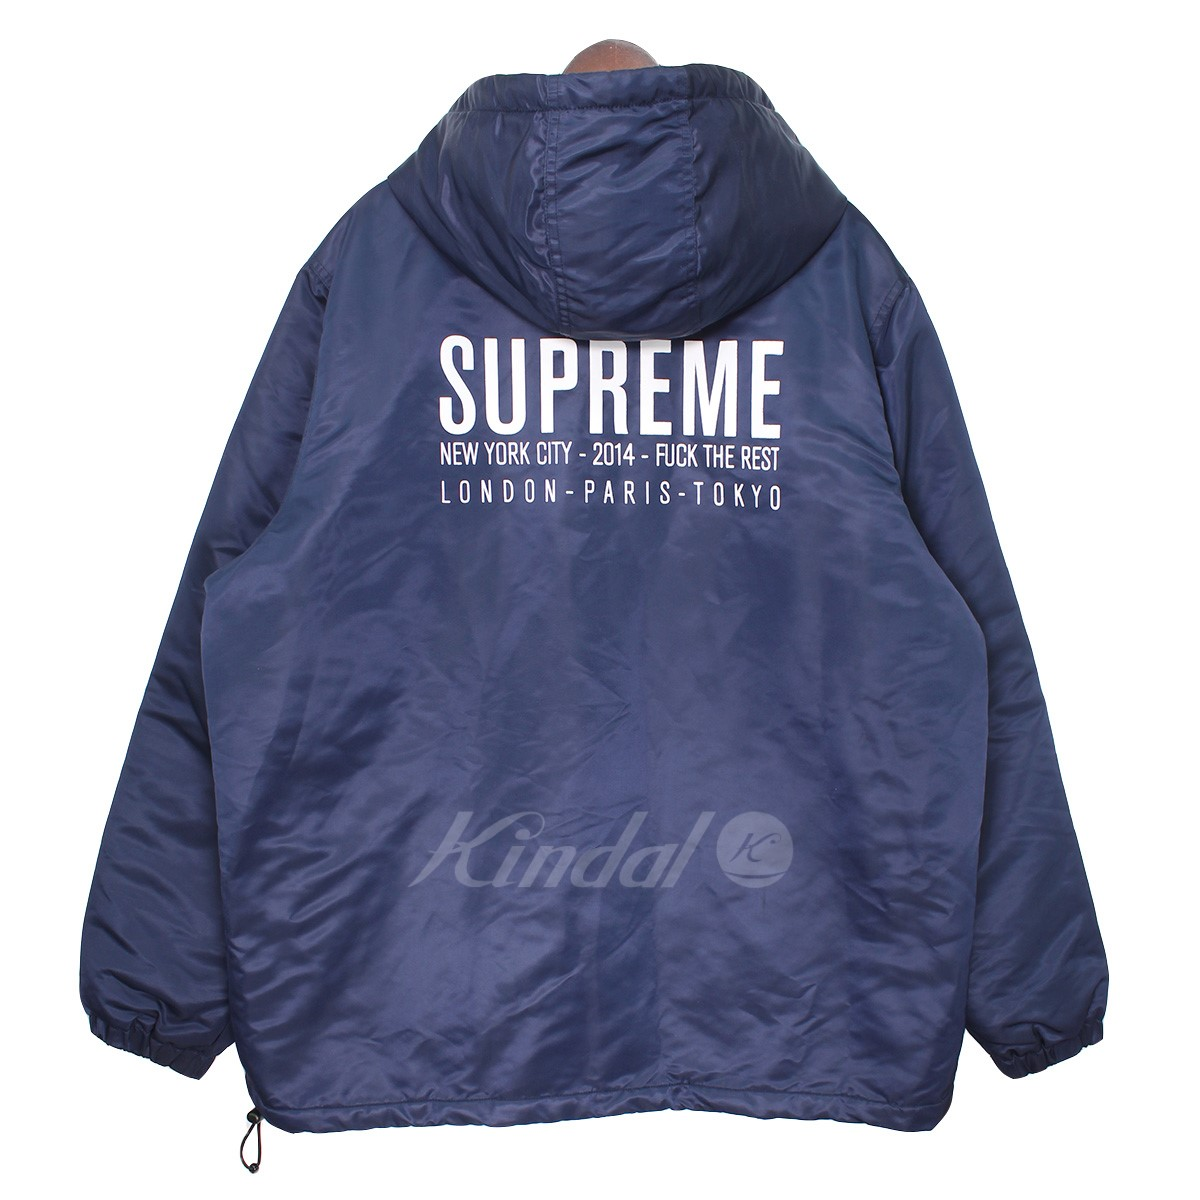 【中古】SUPREME 14AW Satin Twill Pullover バックロゴアノラックジャケット ネイビー サイズ:XL 【250219】(シュプリーム)